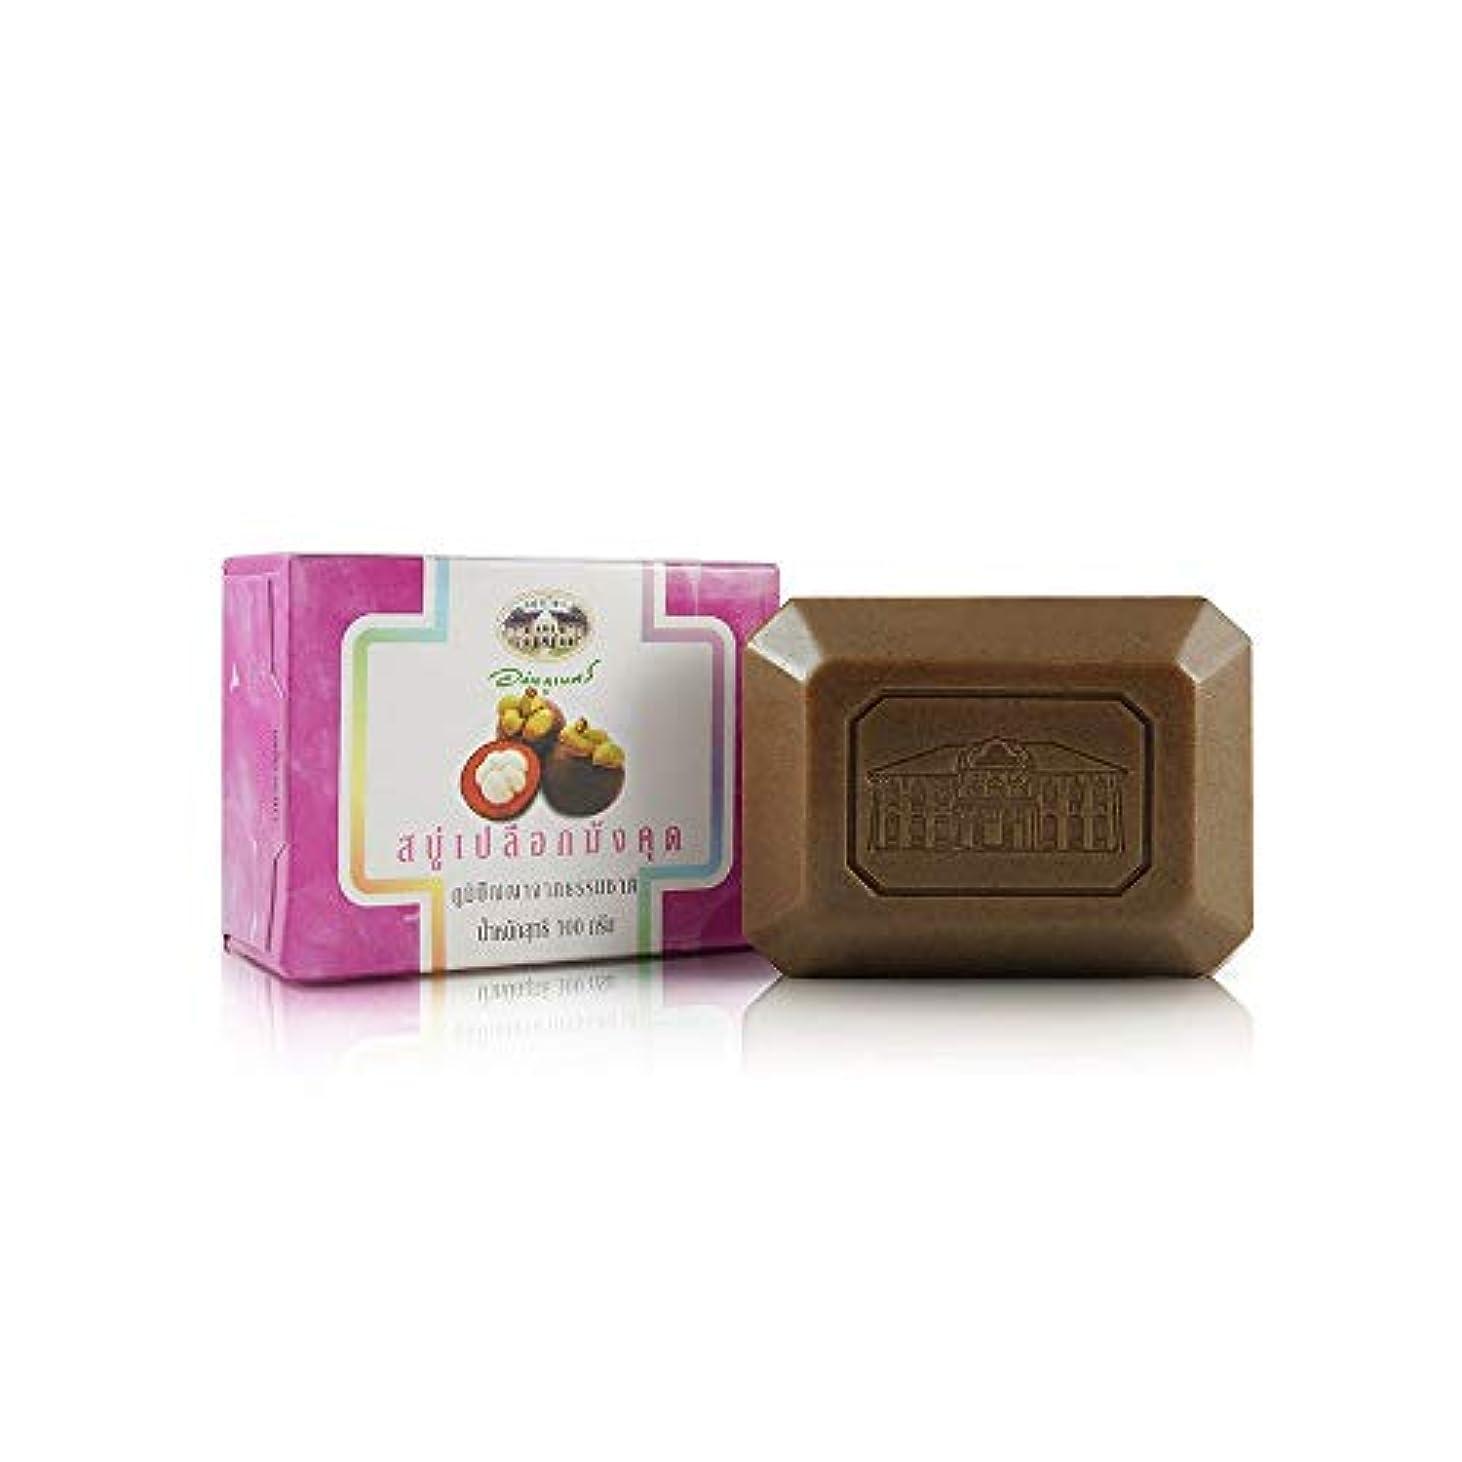 チャレンジ代理人亜熱帯Abhaibhubejhr Mangosteen Peel Skin Herbal Body Cleansing Soap 100g. Abhaibhubejhrマンゴスチンピールスキンハーブボディクレンジングソープ100...